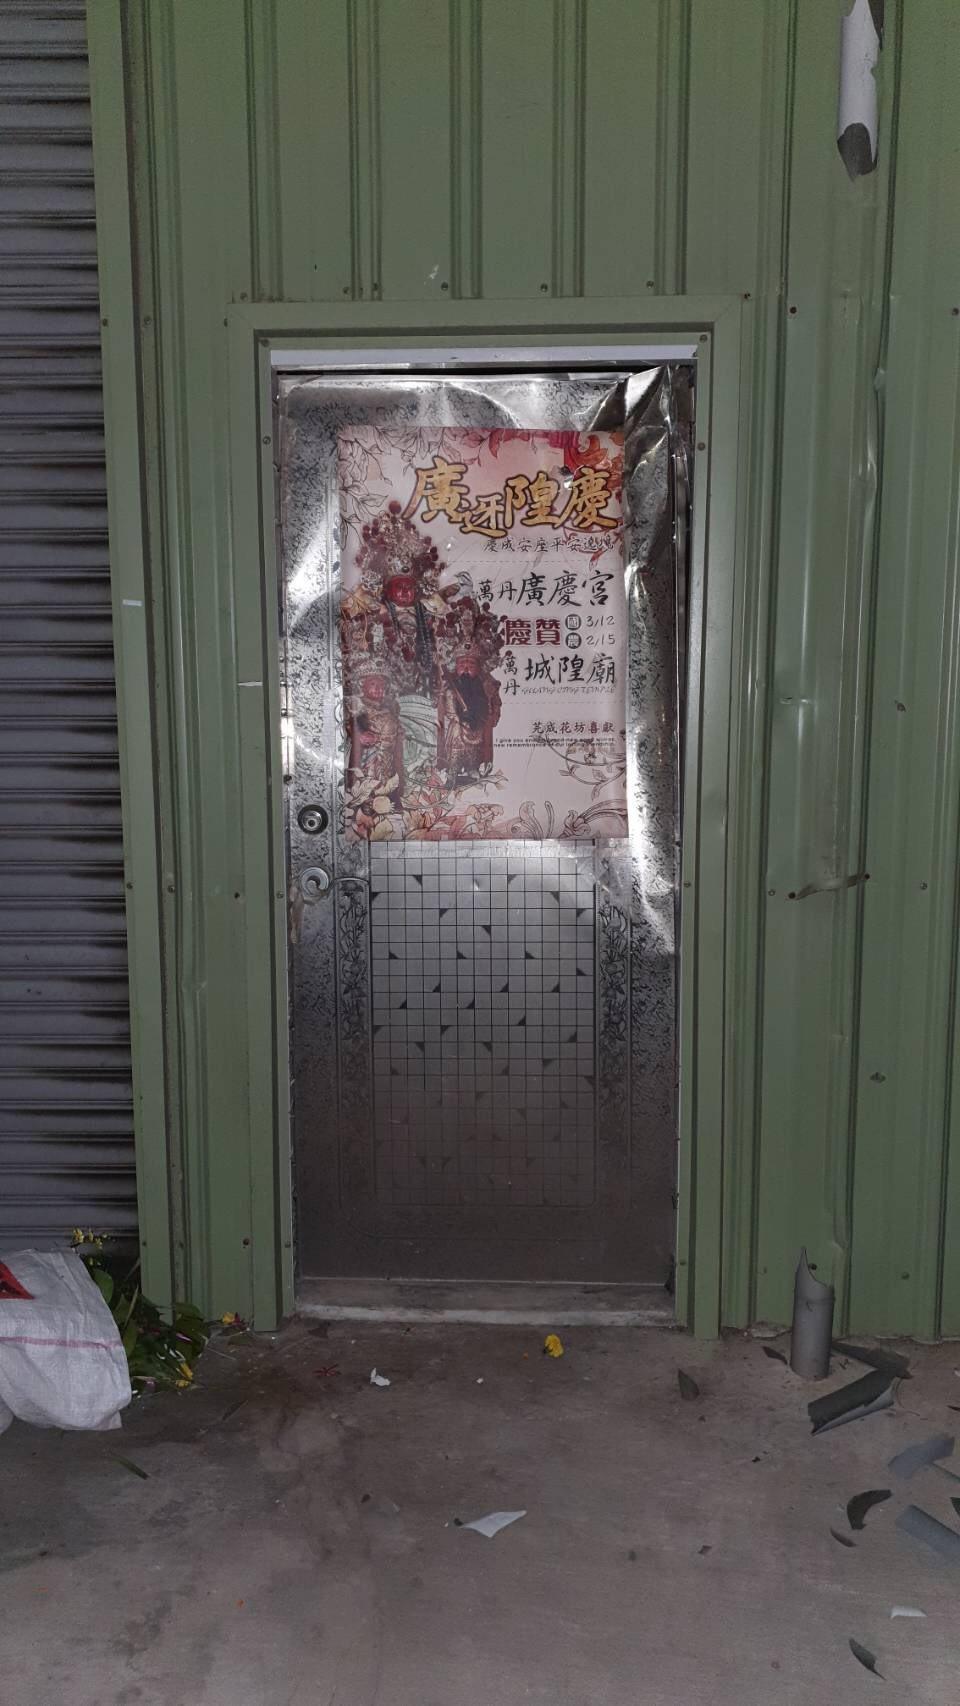 屏東萬丹鄉昨晚一間花店,遭數十名蒙面黑衣男持棍棒砸店,警方主動介入偵辦。圖/屏東...